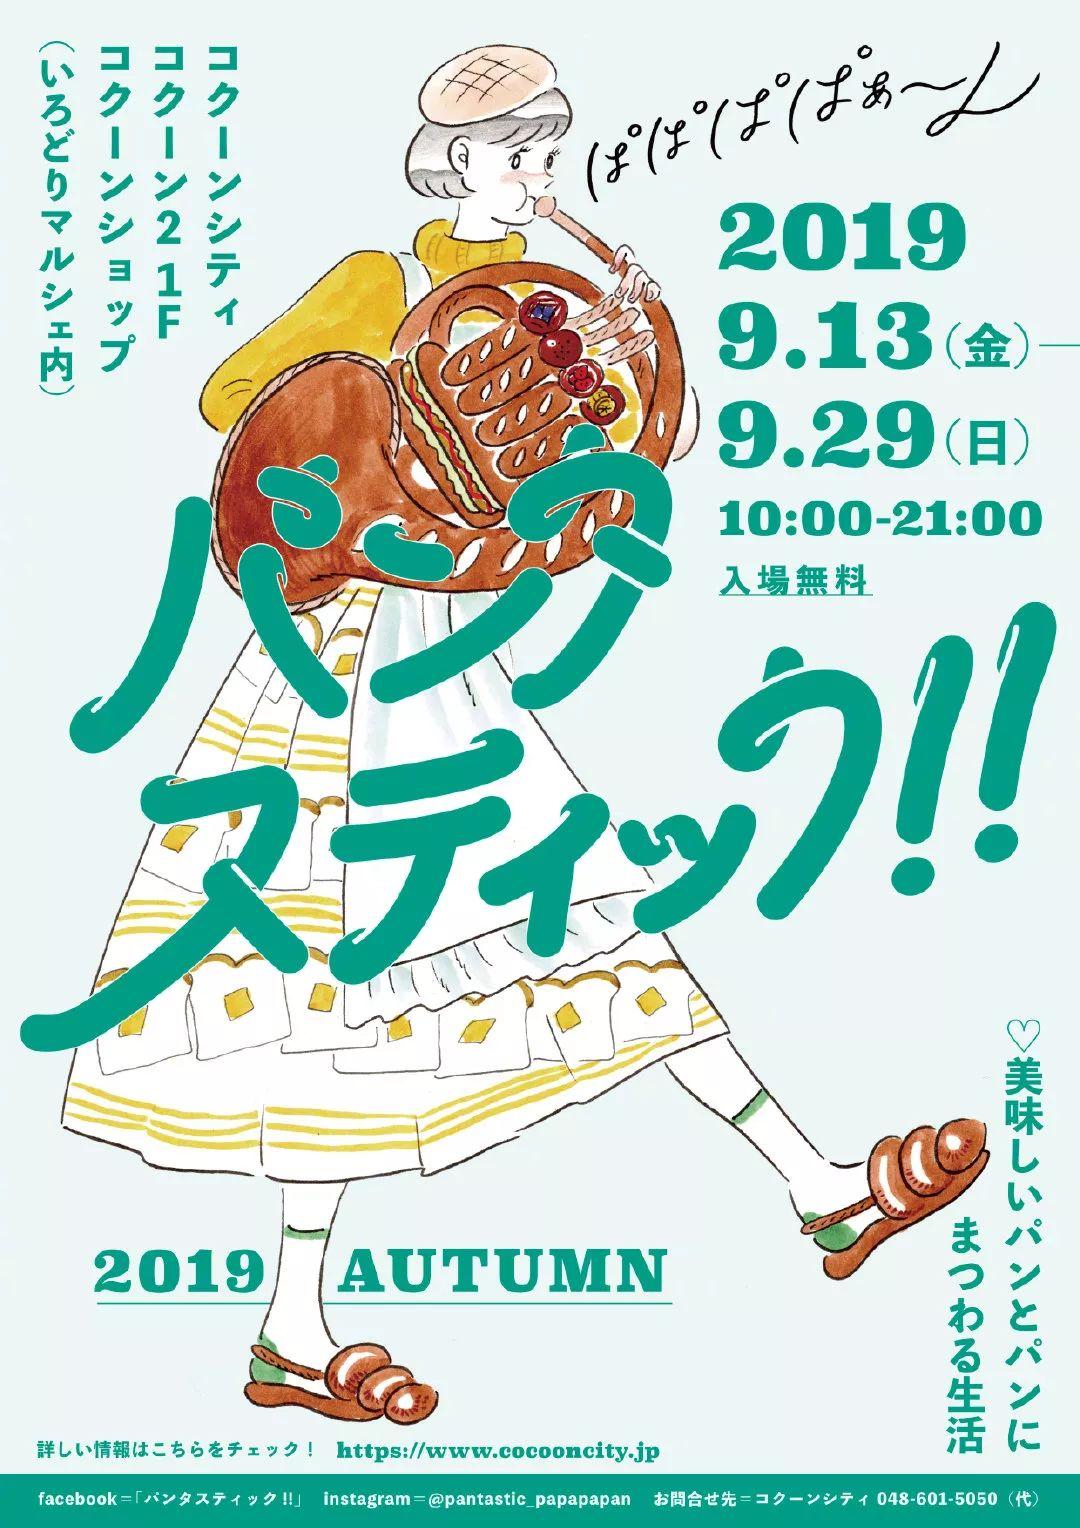 日本面包店海报设计